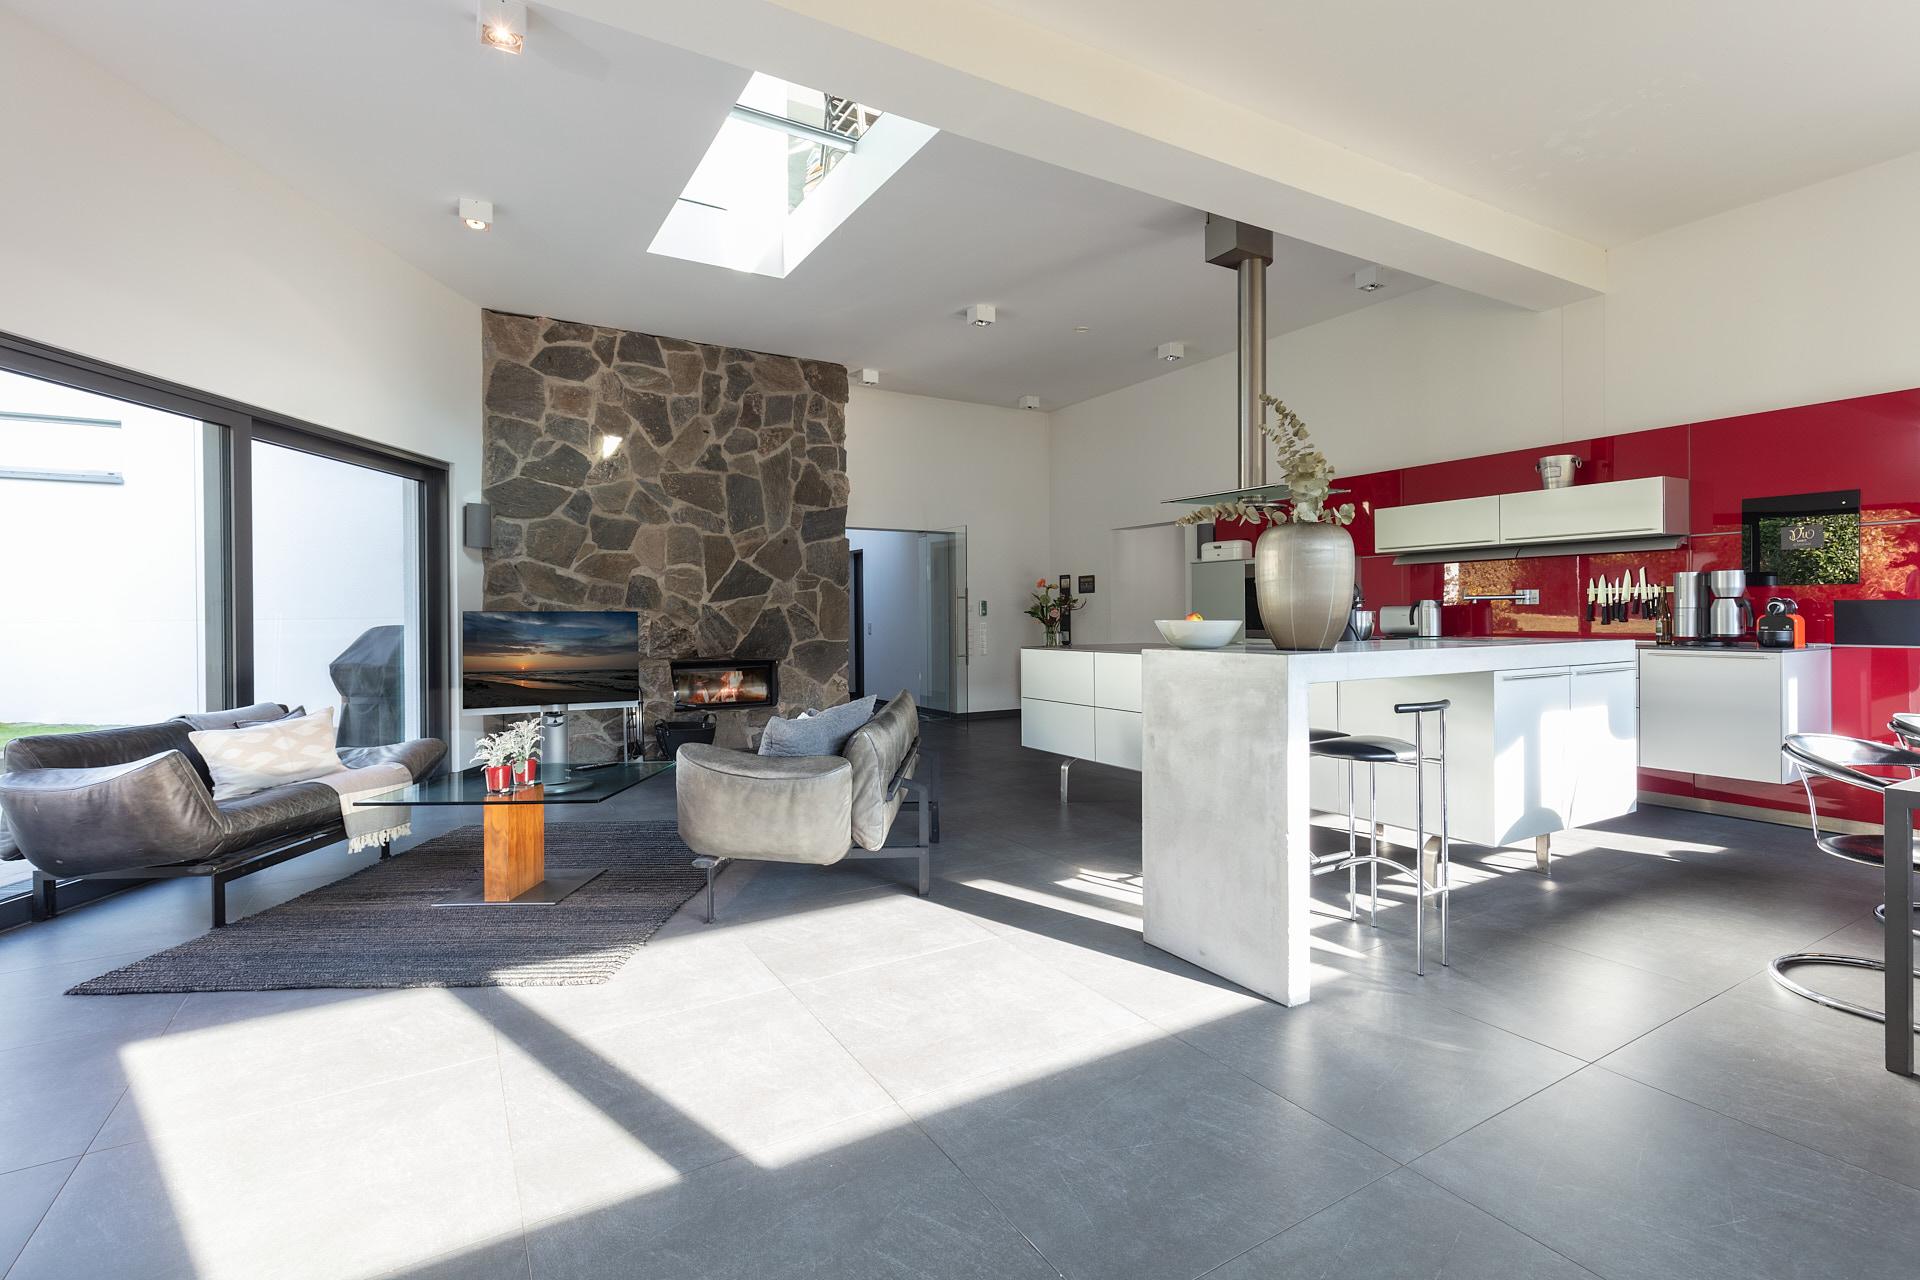 Moderne Wohnküche mit großer Kochinsel und bodentiefen Fenstern und Zugang zum Garten.